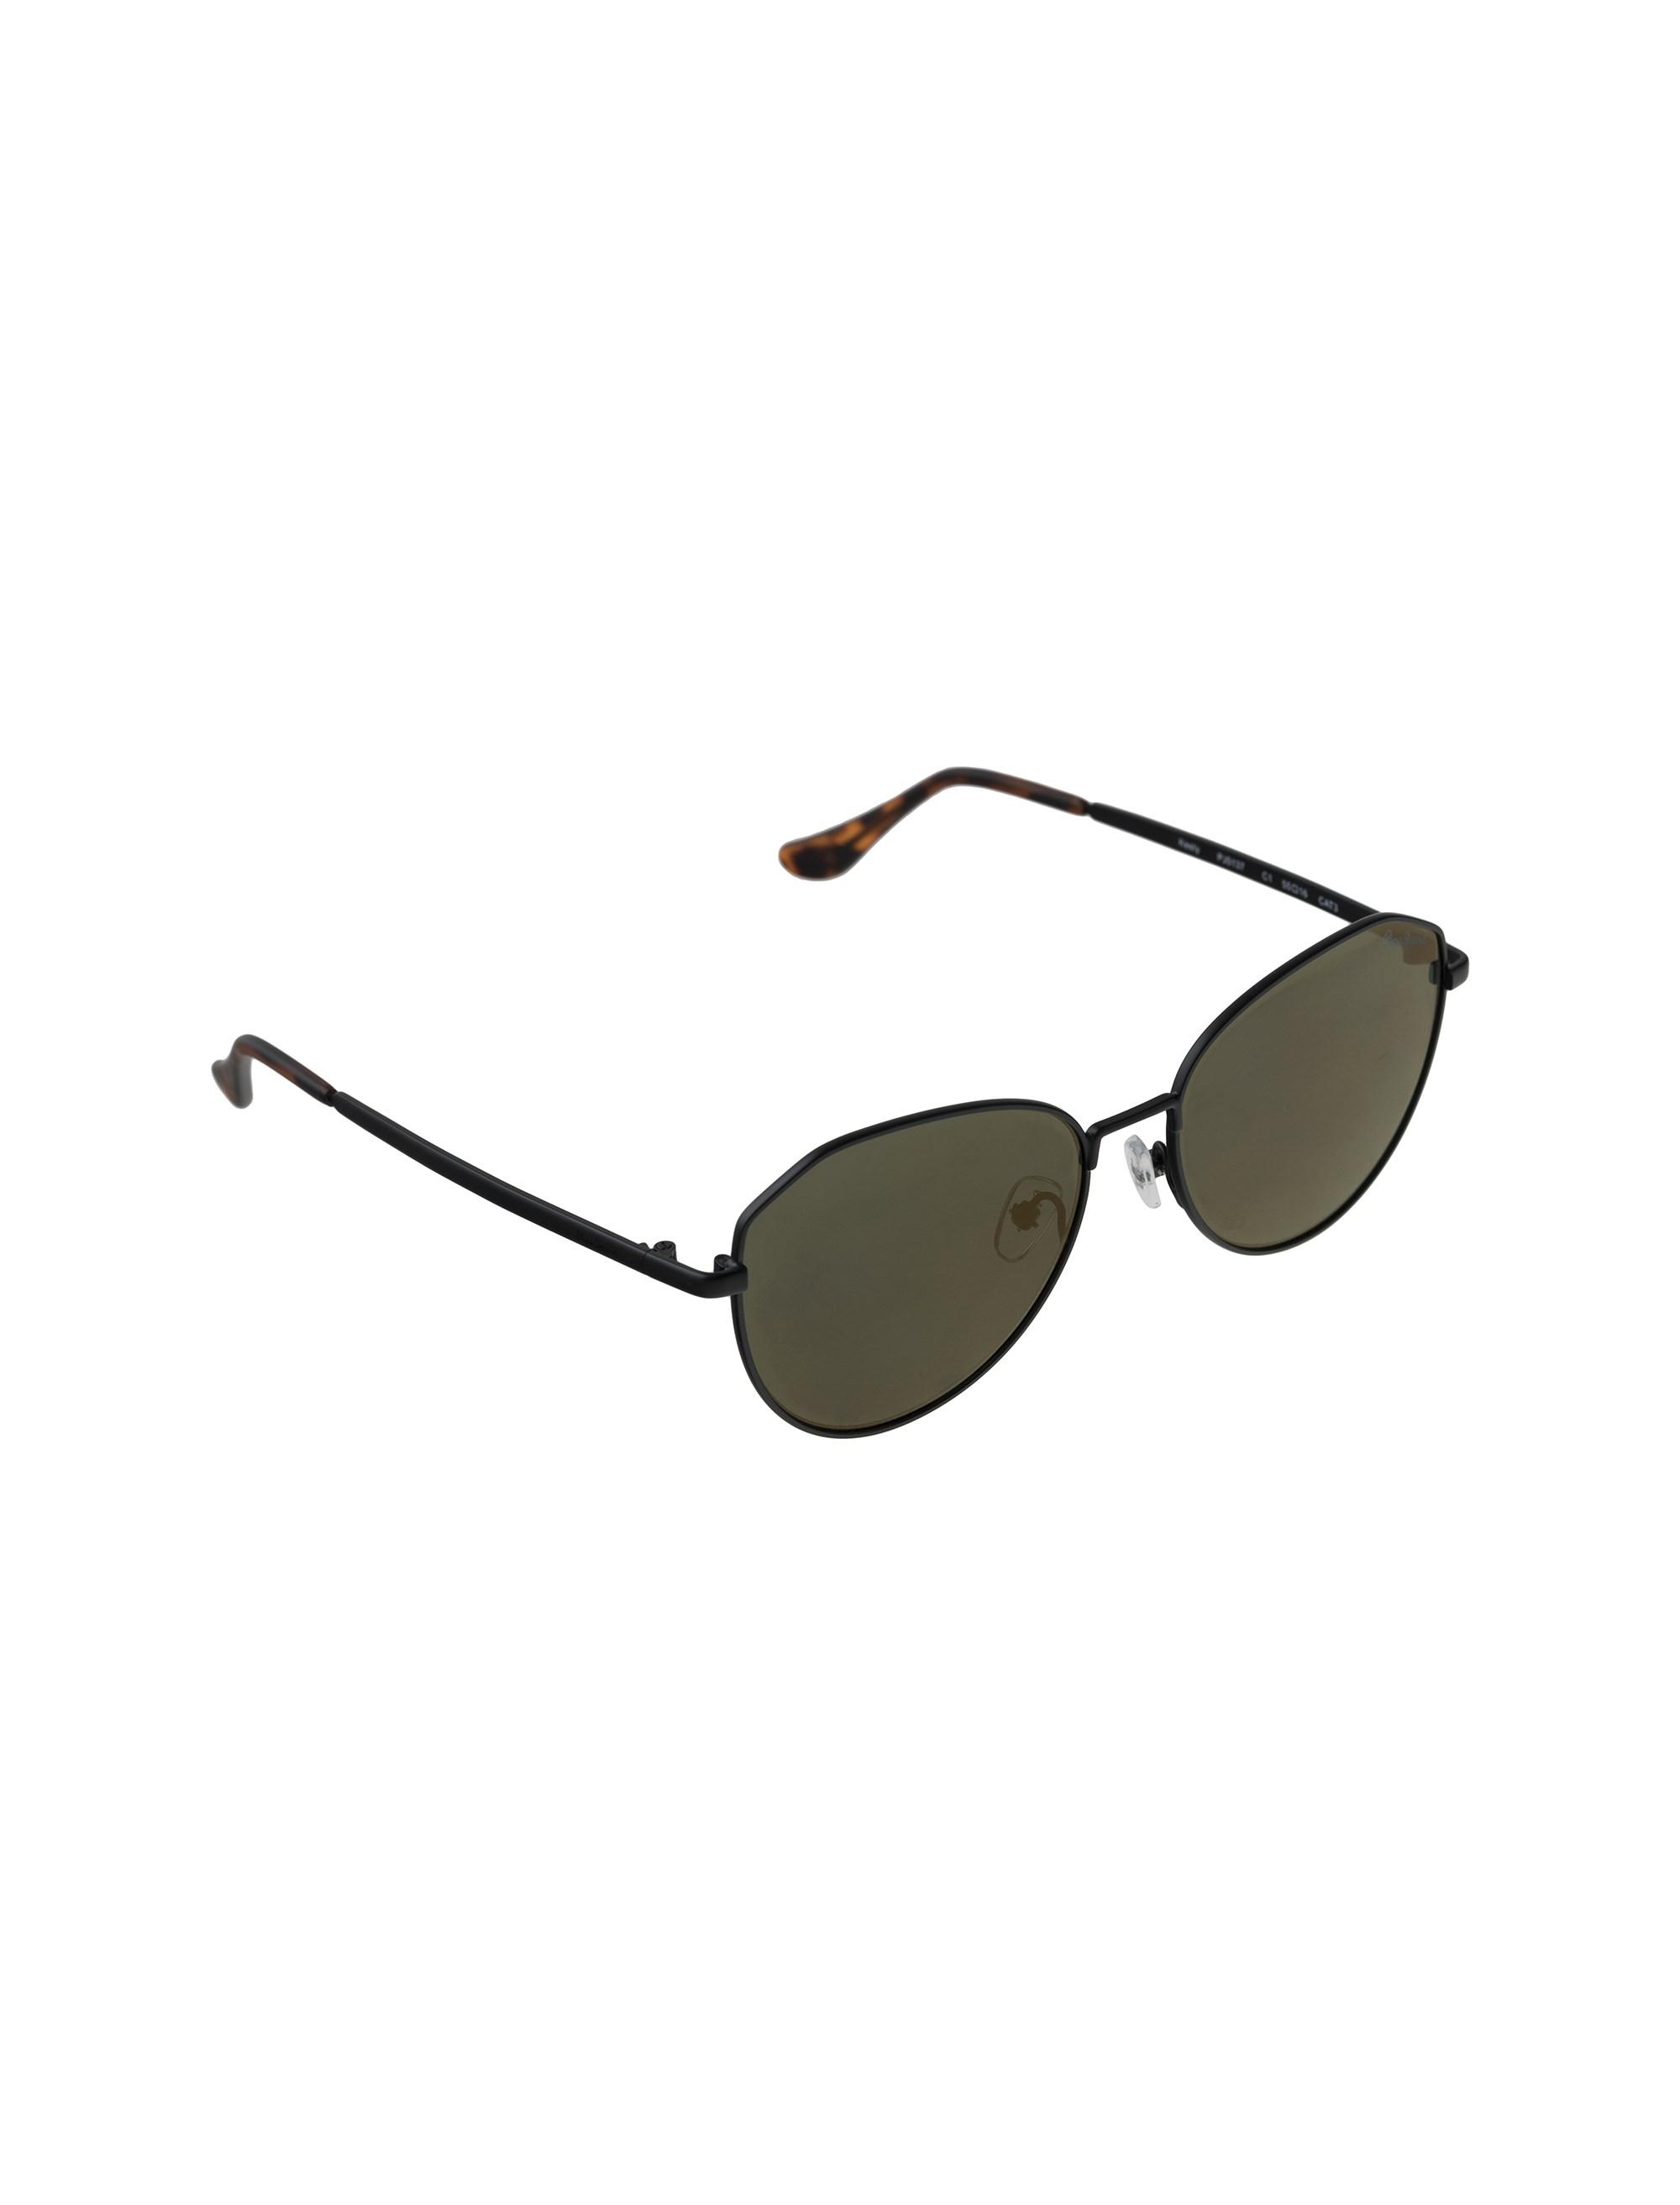 عینک آفتابی پروانه ای زنانه - پپه جینز - مشکي - 2